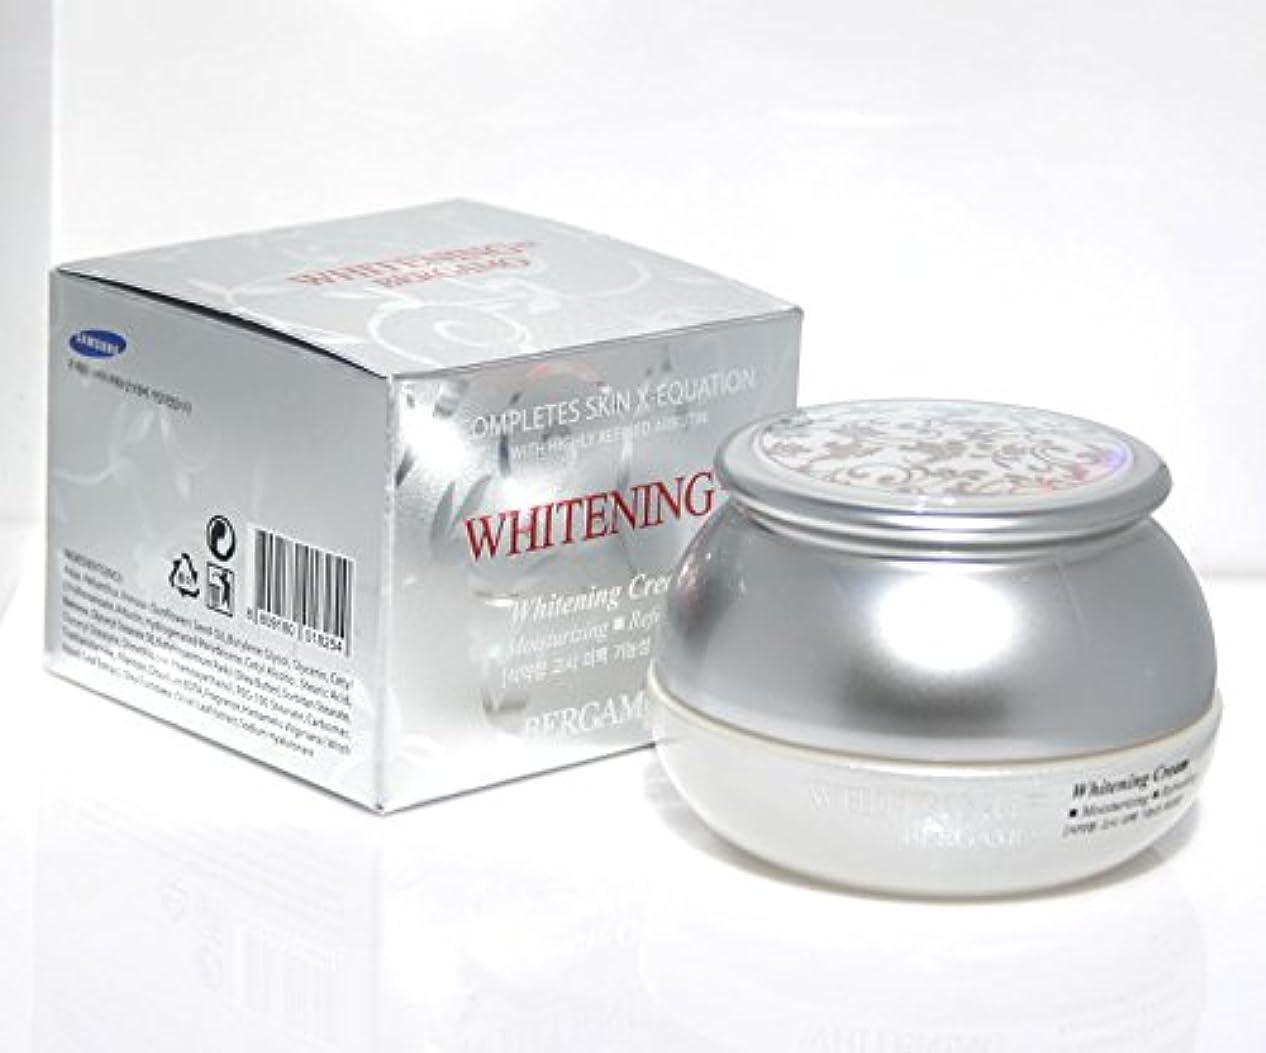 ルーキー露出度の高いマニアック【ベルガモ][Bergamo]  は、高度に精製アルブチンホワイトニング例クリーム50g /  Completes Skin X-equation with Highly Refined Albutin Whitening...